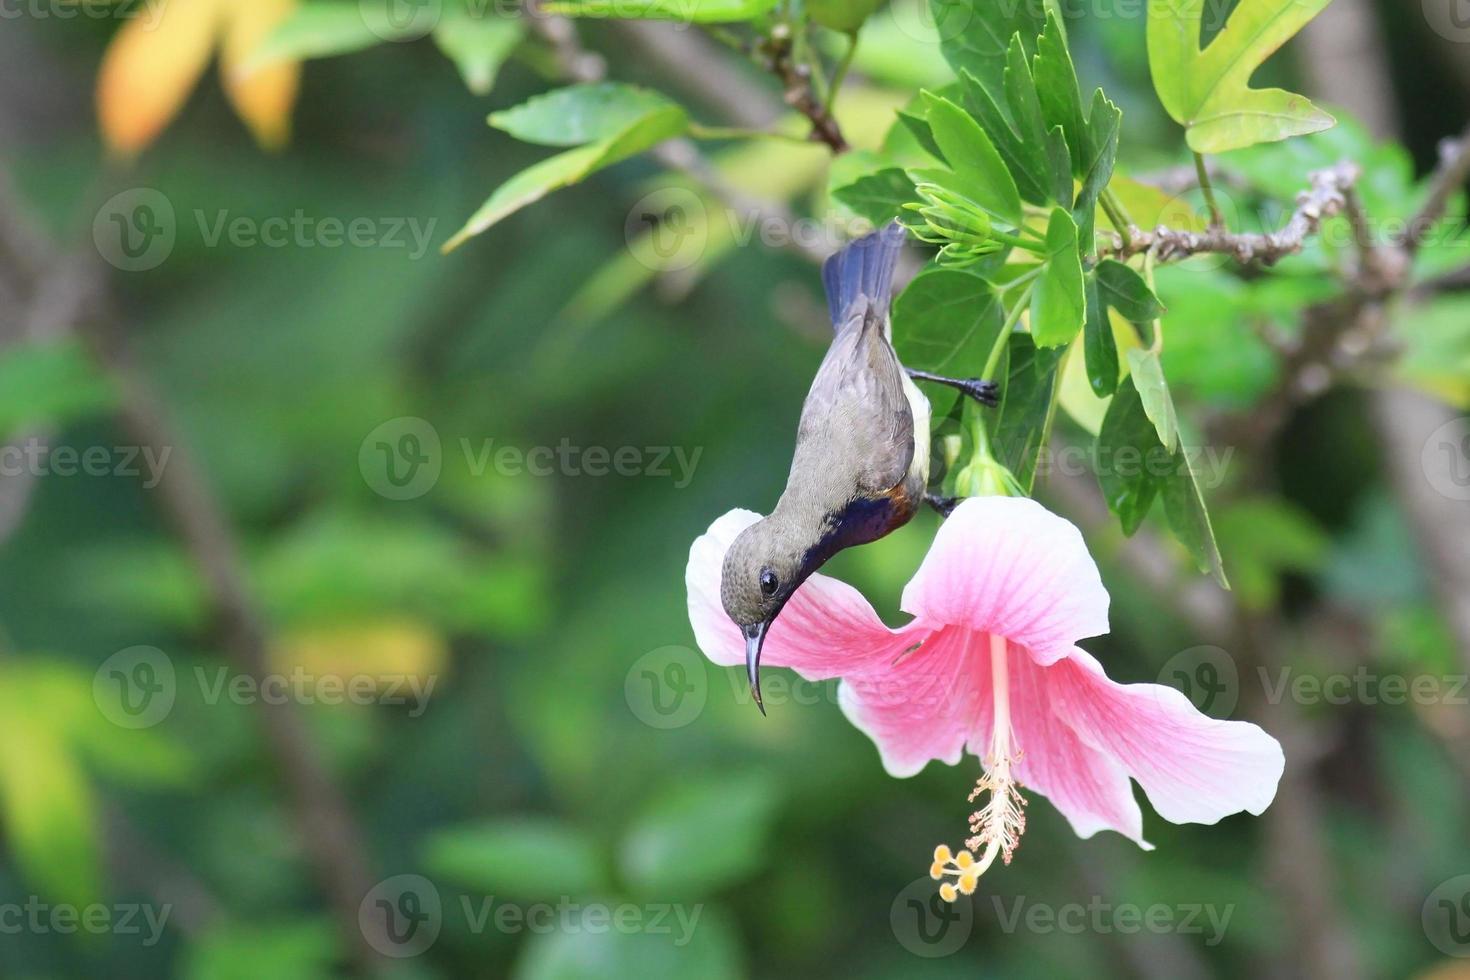 sun-bird vogel van thailand achtergrond op bloem foto